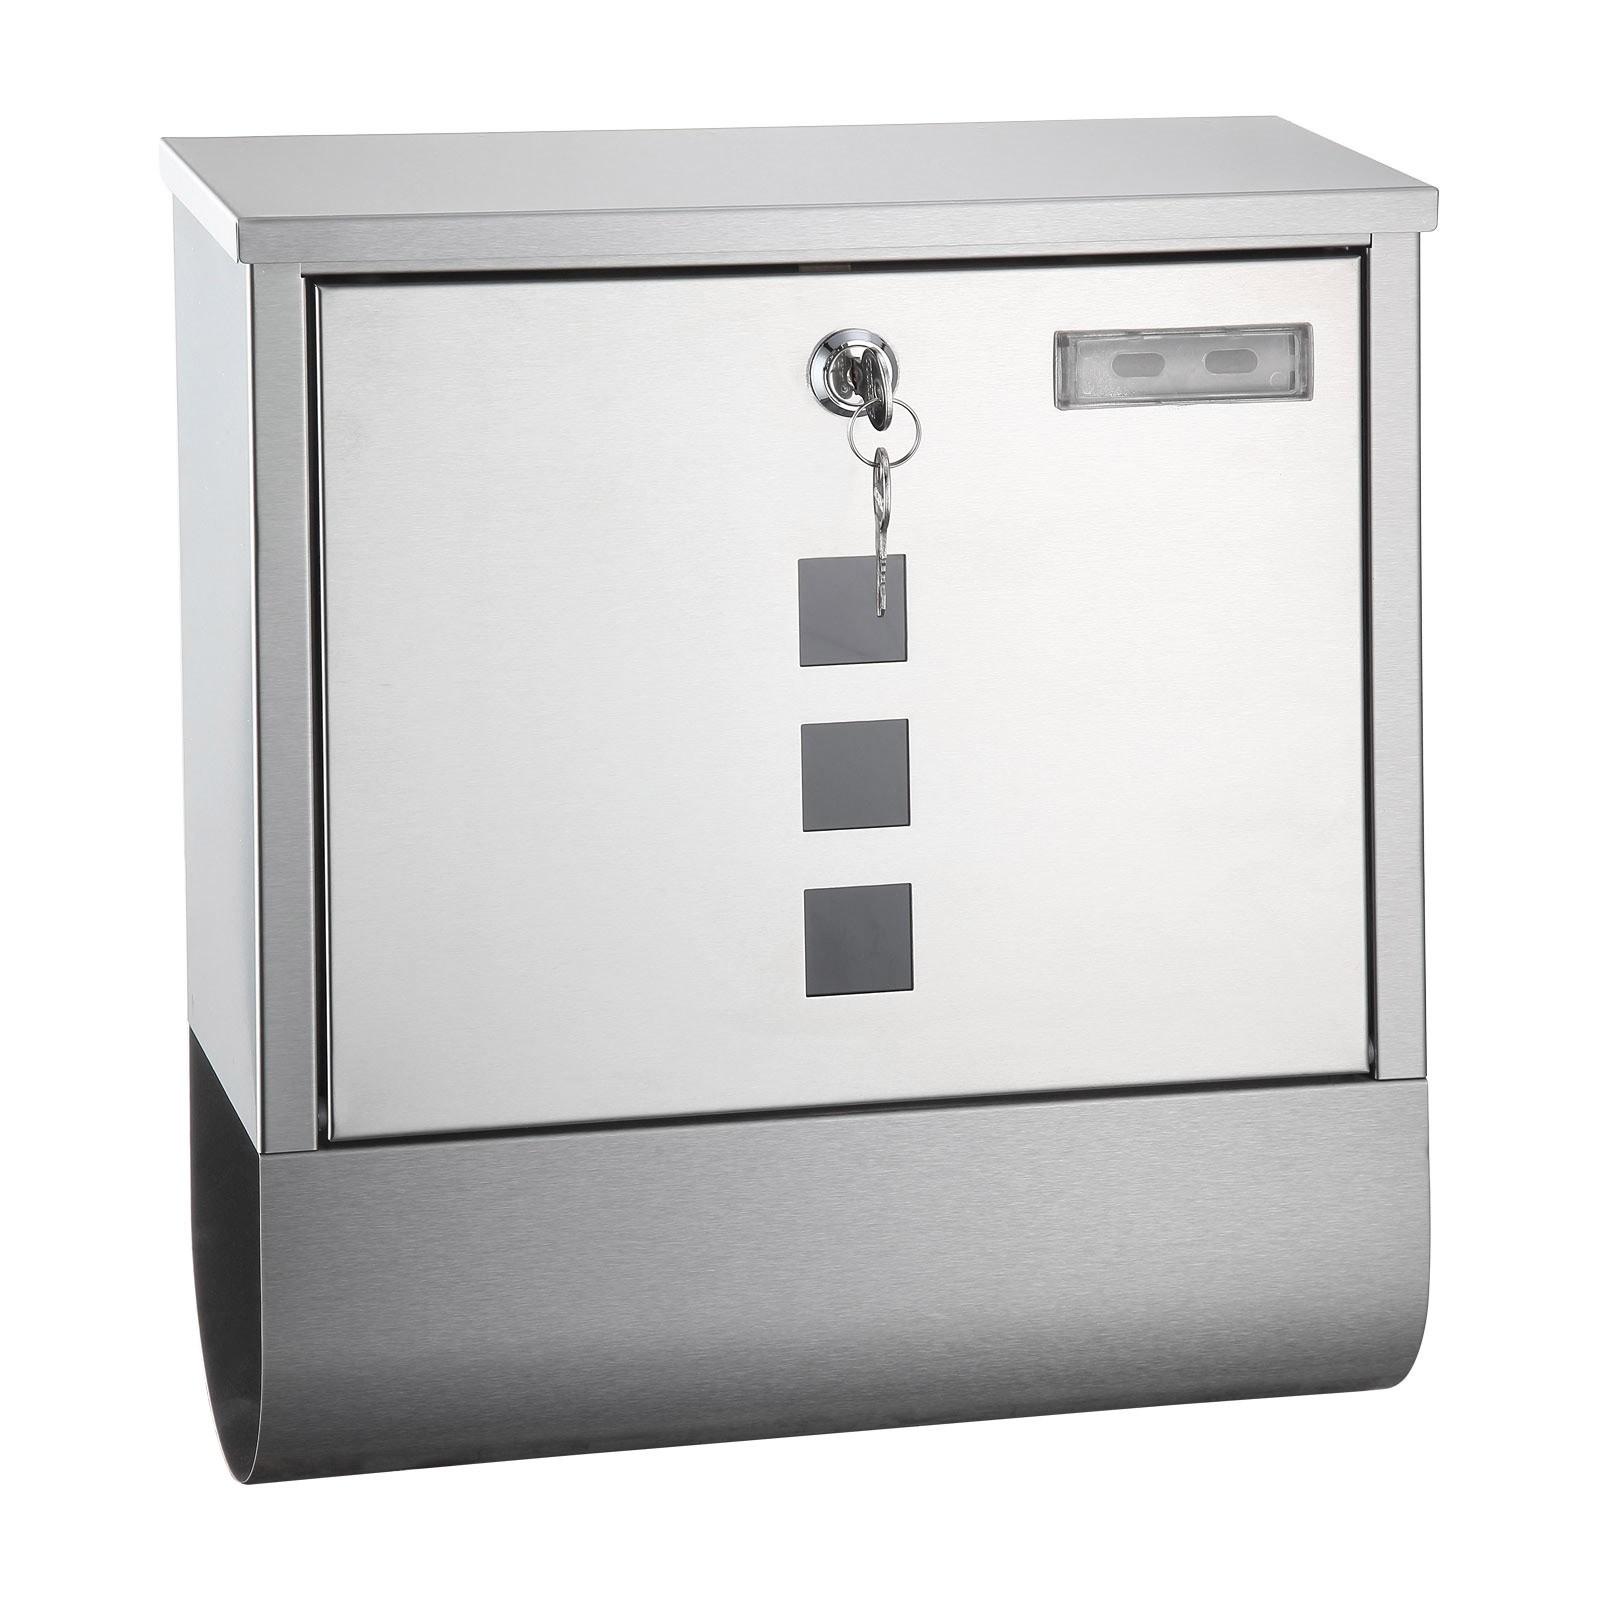 metall briefkasten oslo edelstahl design mit zeitungsrolle. Black Bedroom Furniture Sets. Home Design Ideas